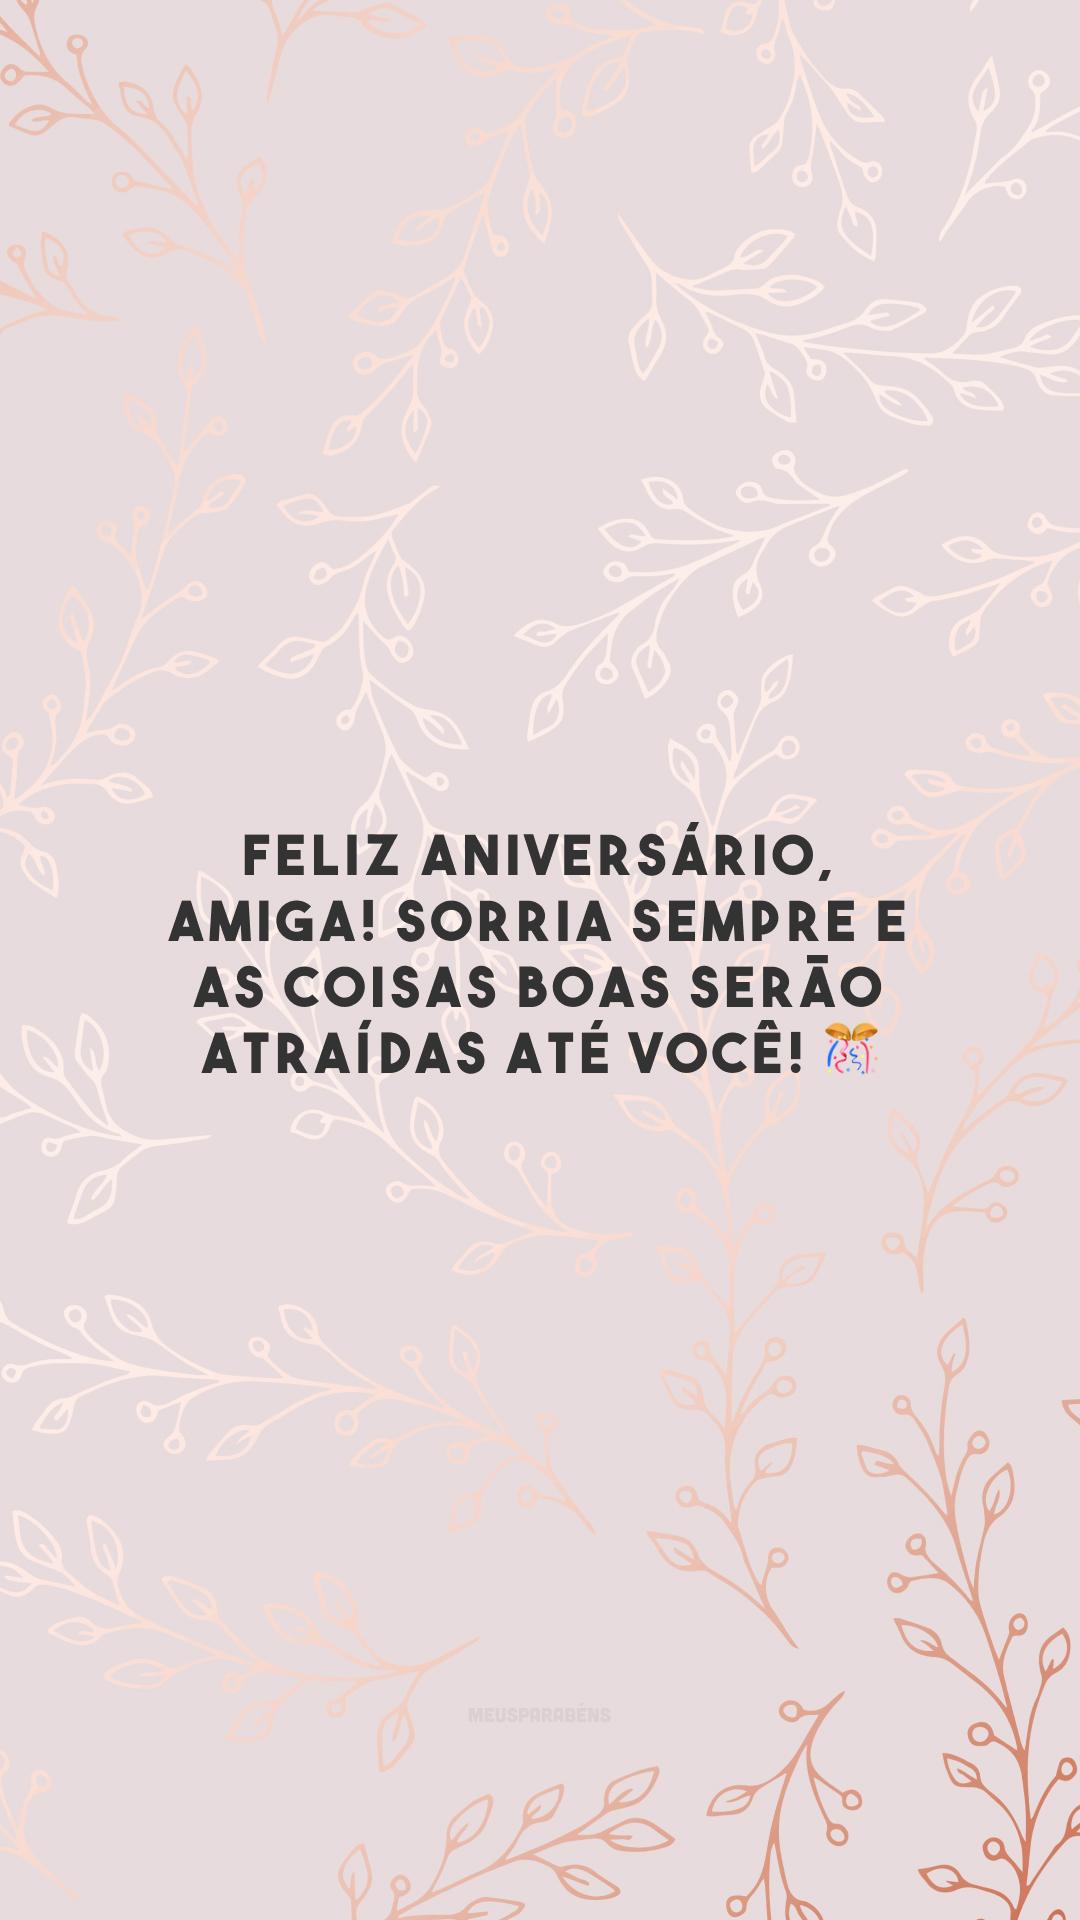 Feliz aniversário, amiga! Sorria sempre e as coisas boas serão atraídas até você! 🎊